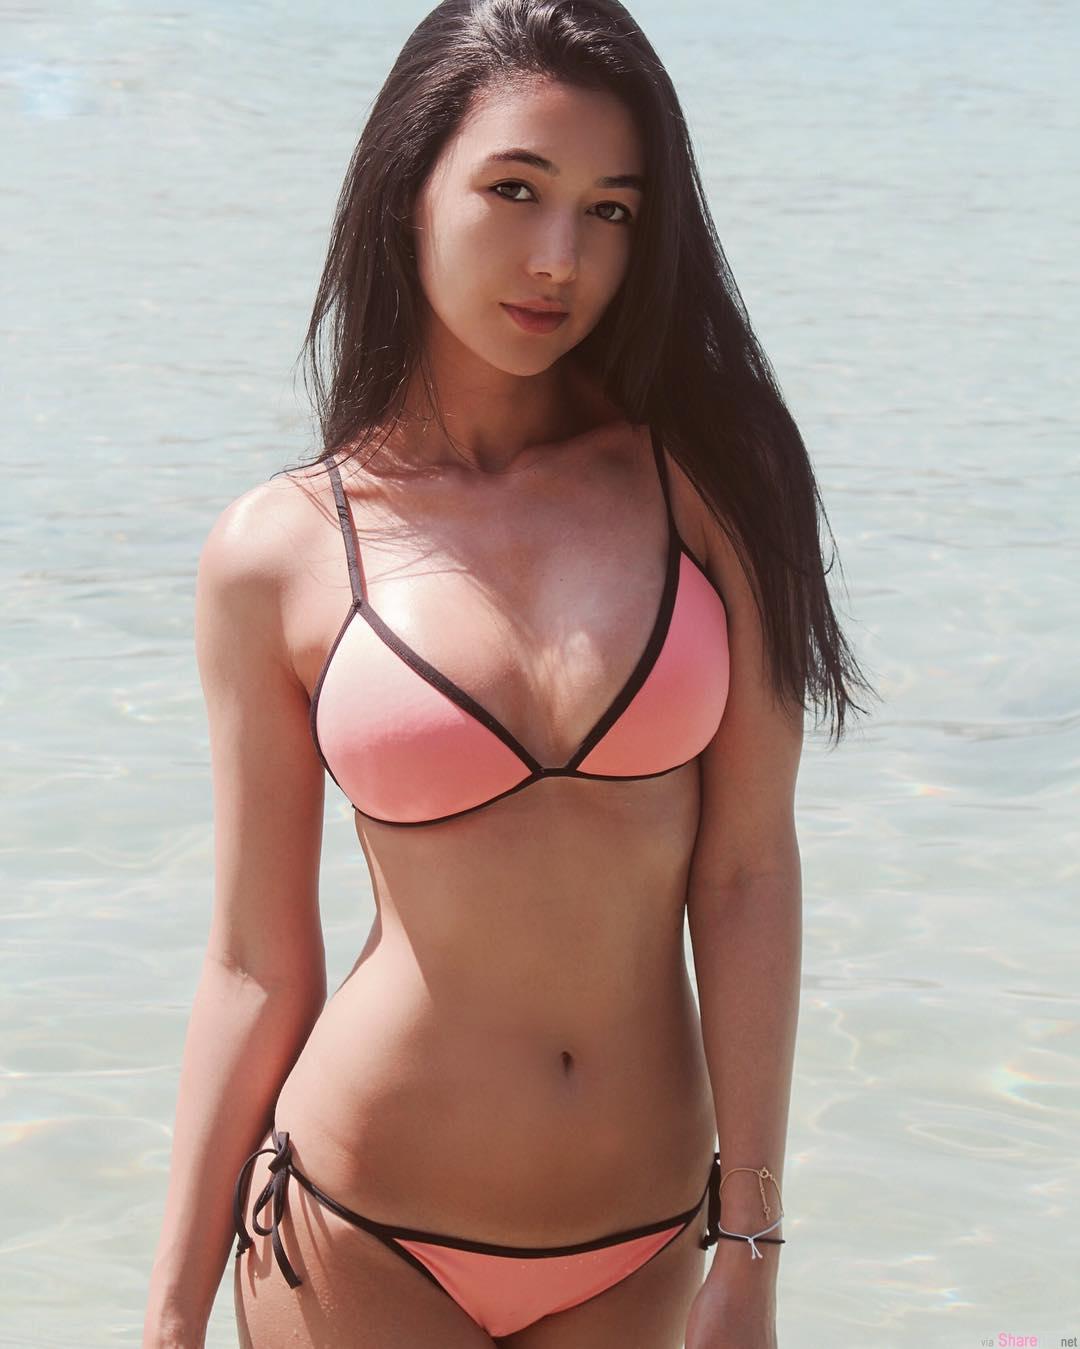 巴西日本混血美女!身材果然有拉丁美洲的fu 侧露蜜臀太养眼了